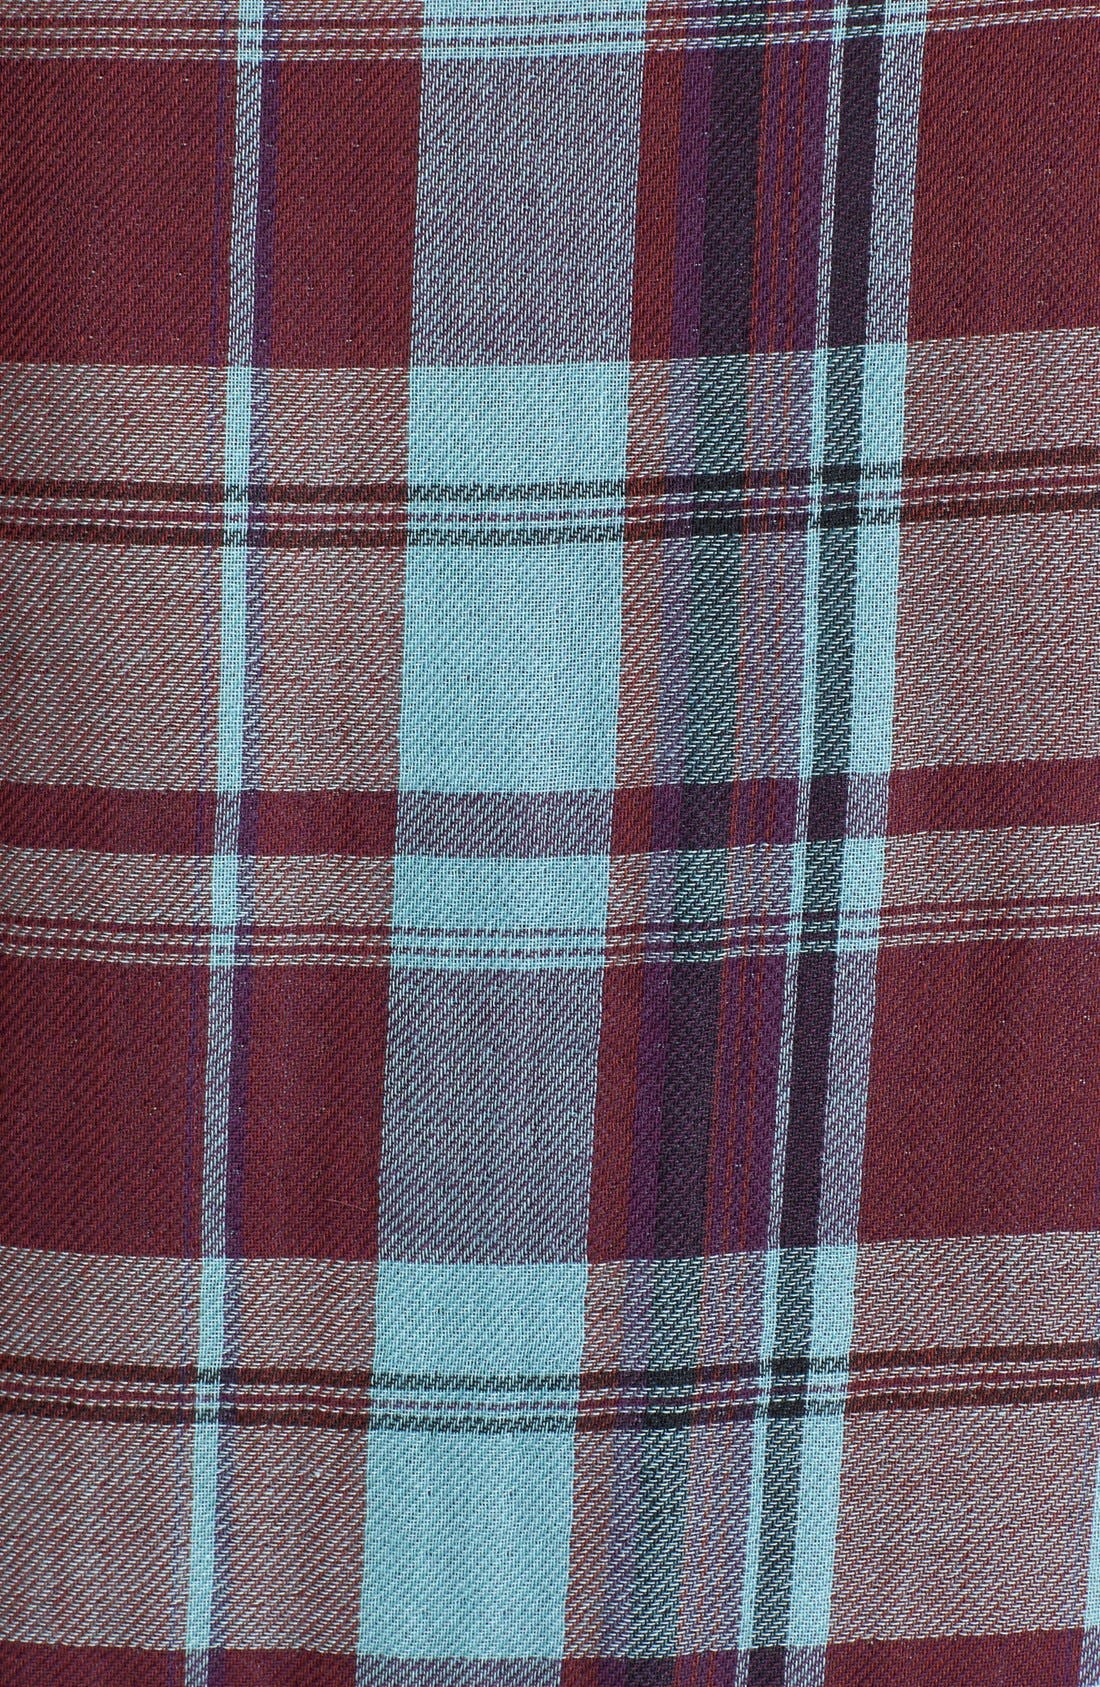 Denim 'Kadie' Plaid Shirt,                             Alternate thumbnail 2, color,                             600